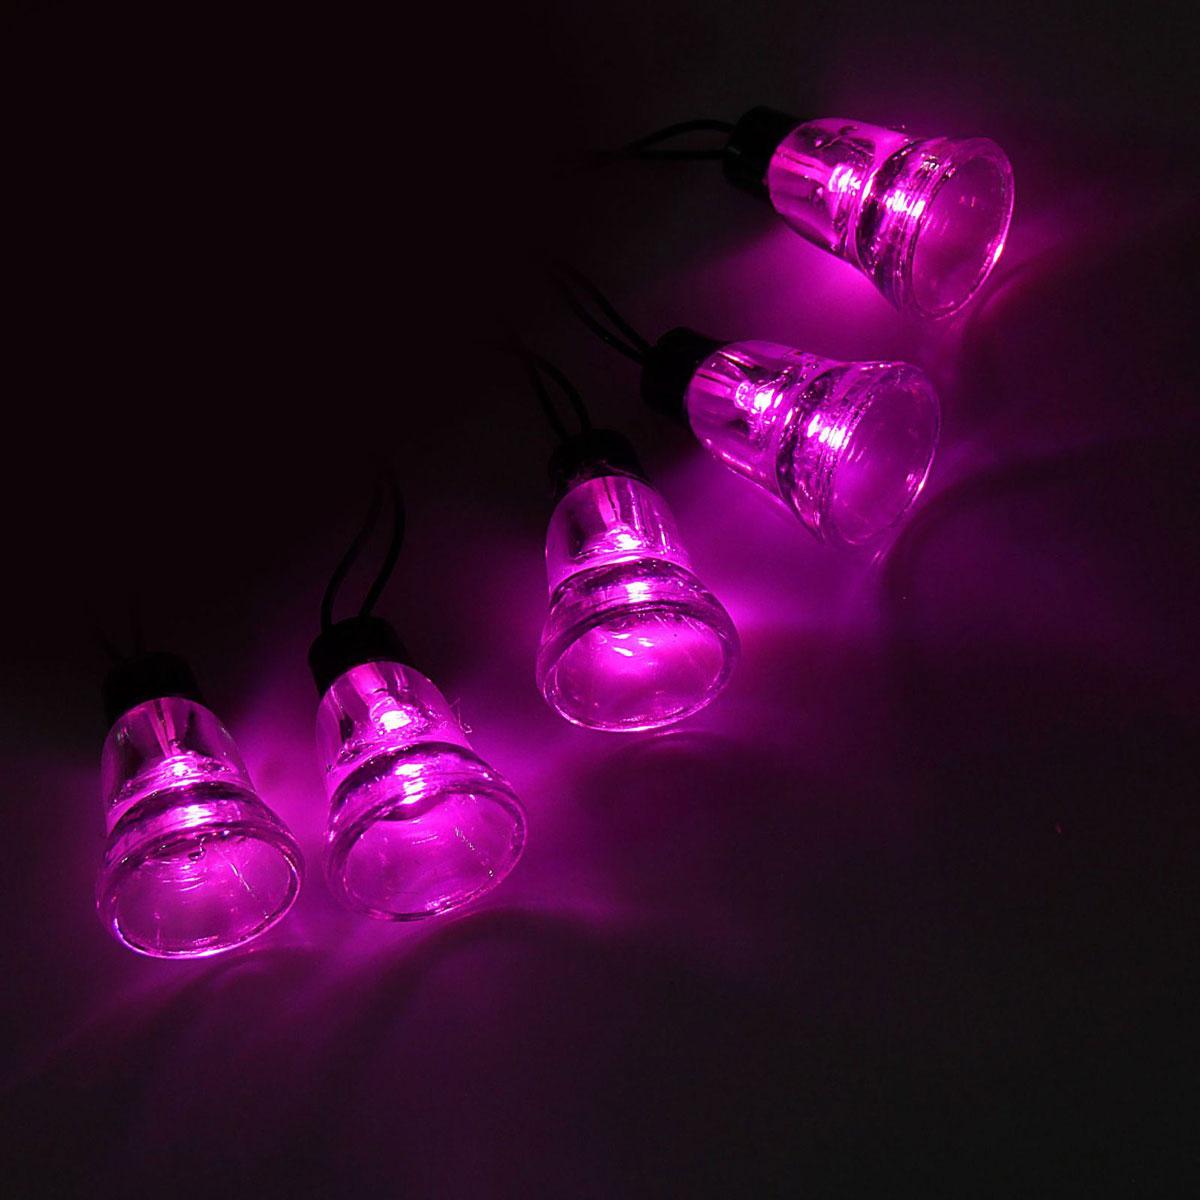 Гирлянда светодиодная Luazon  Метраж. Колокол , уличная с насадкой, 8 режимов, 30 ламп, 220 V, 5 м, цвет: розовый. 1080123 -  Гирлянды и светильники